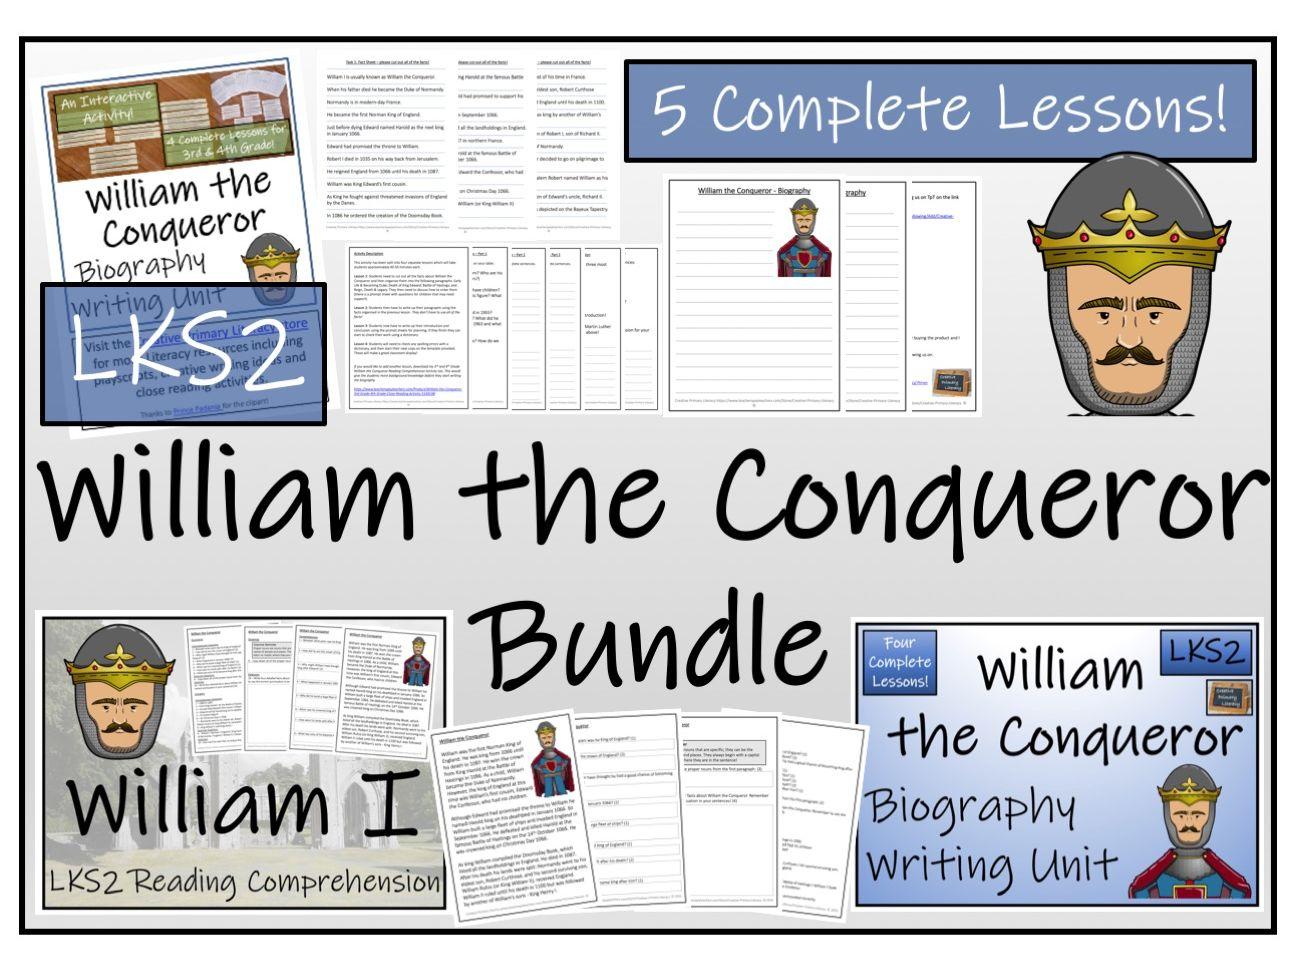 LKS2 History - William the Conqueror Reading Comprehension & Biography Bundle